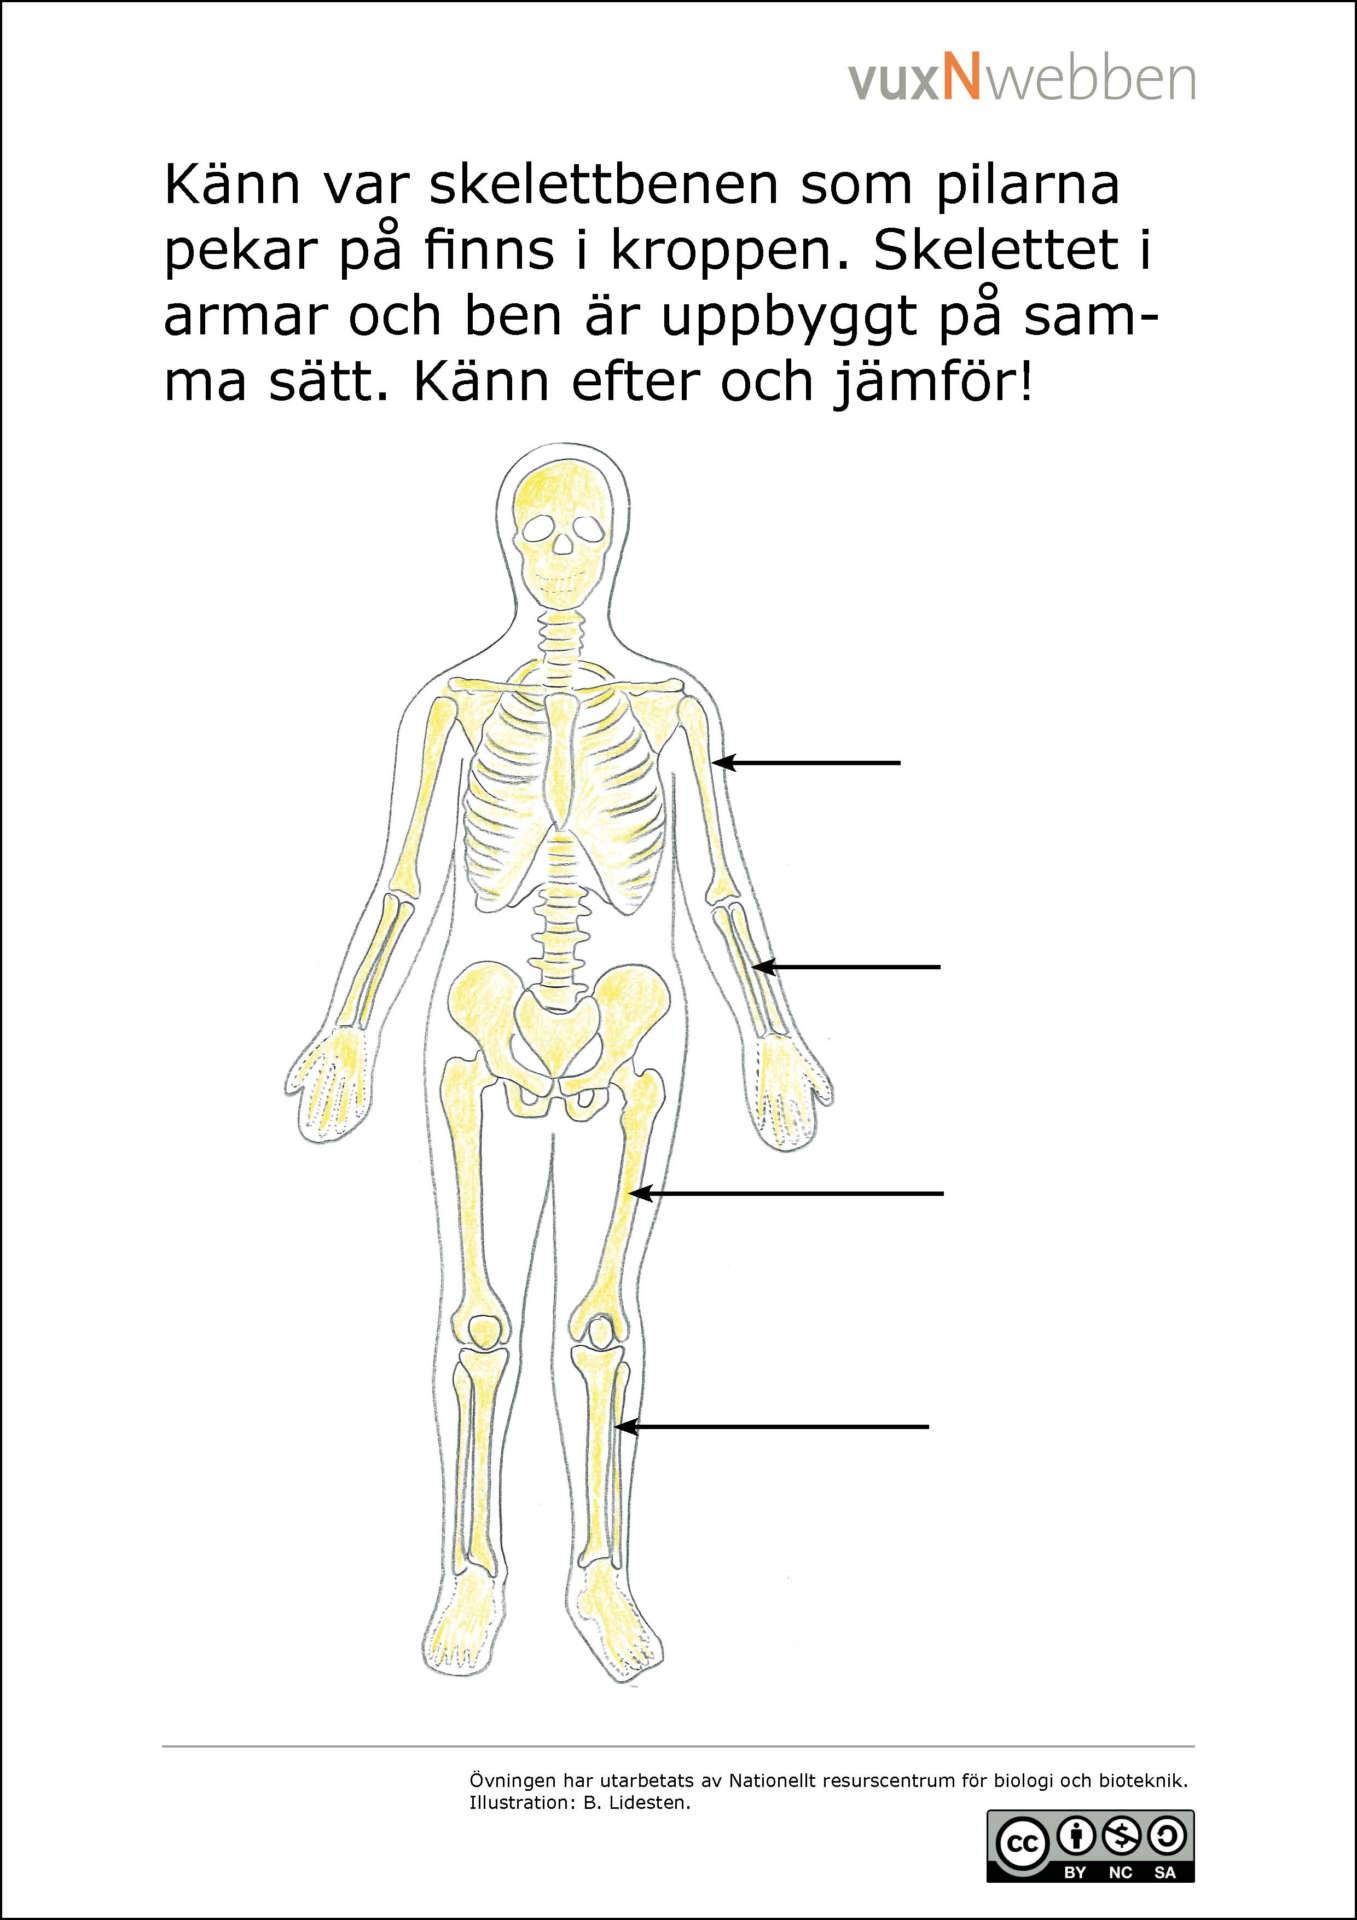 hur många ben har vi i kroppen